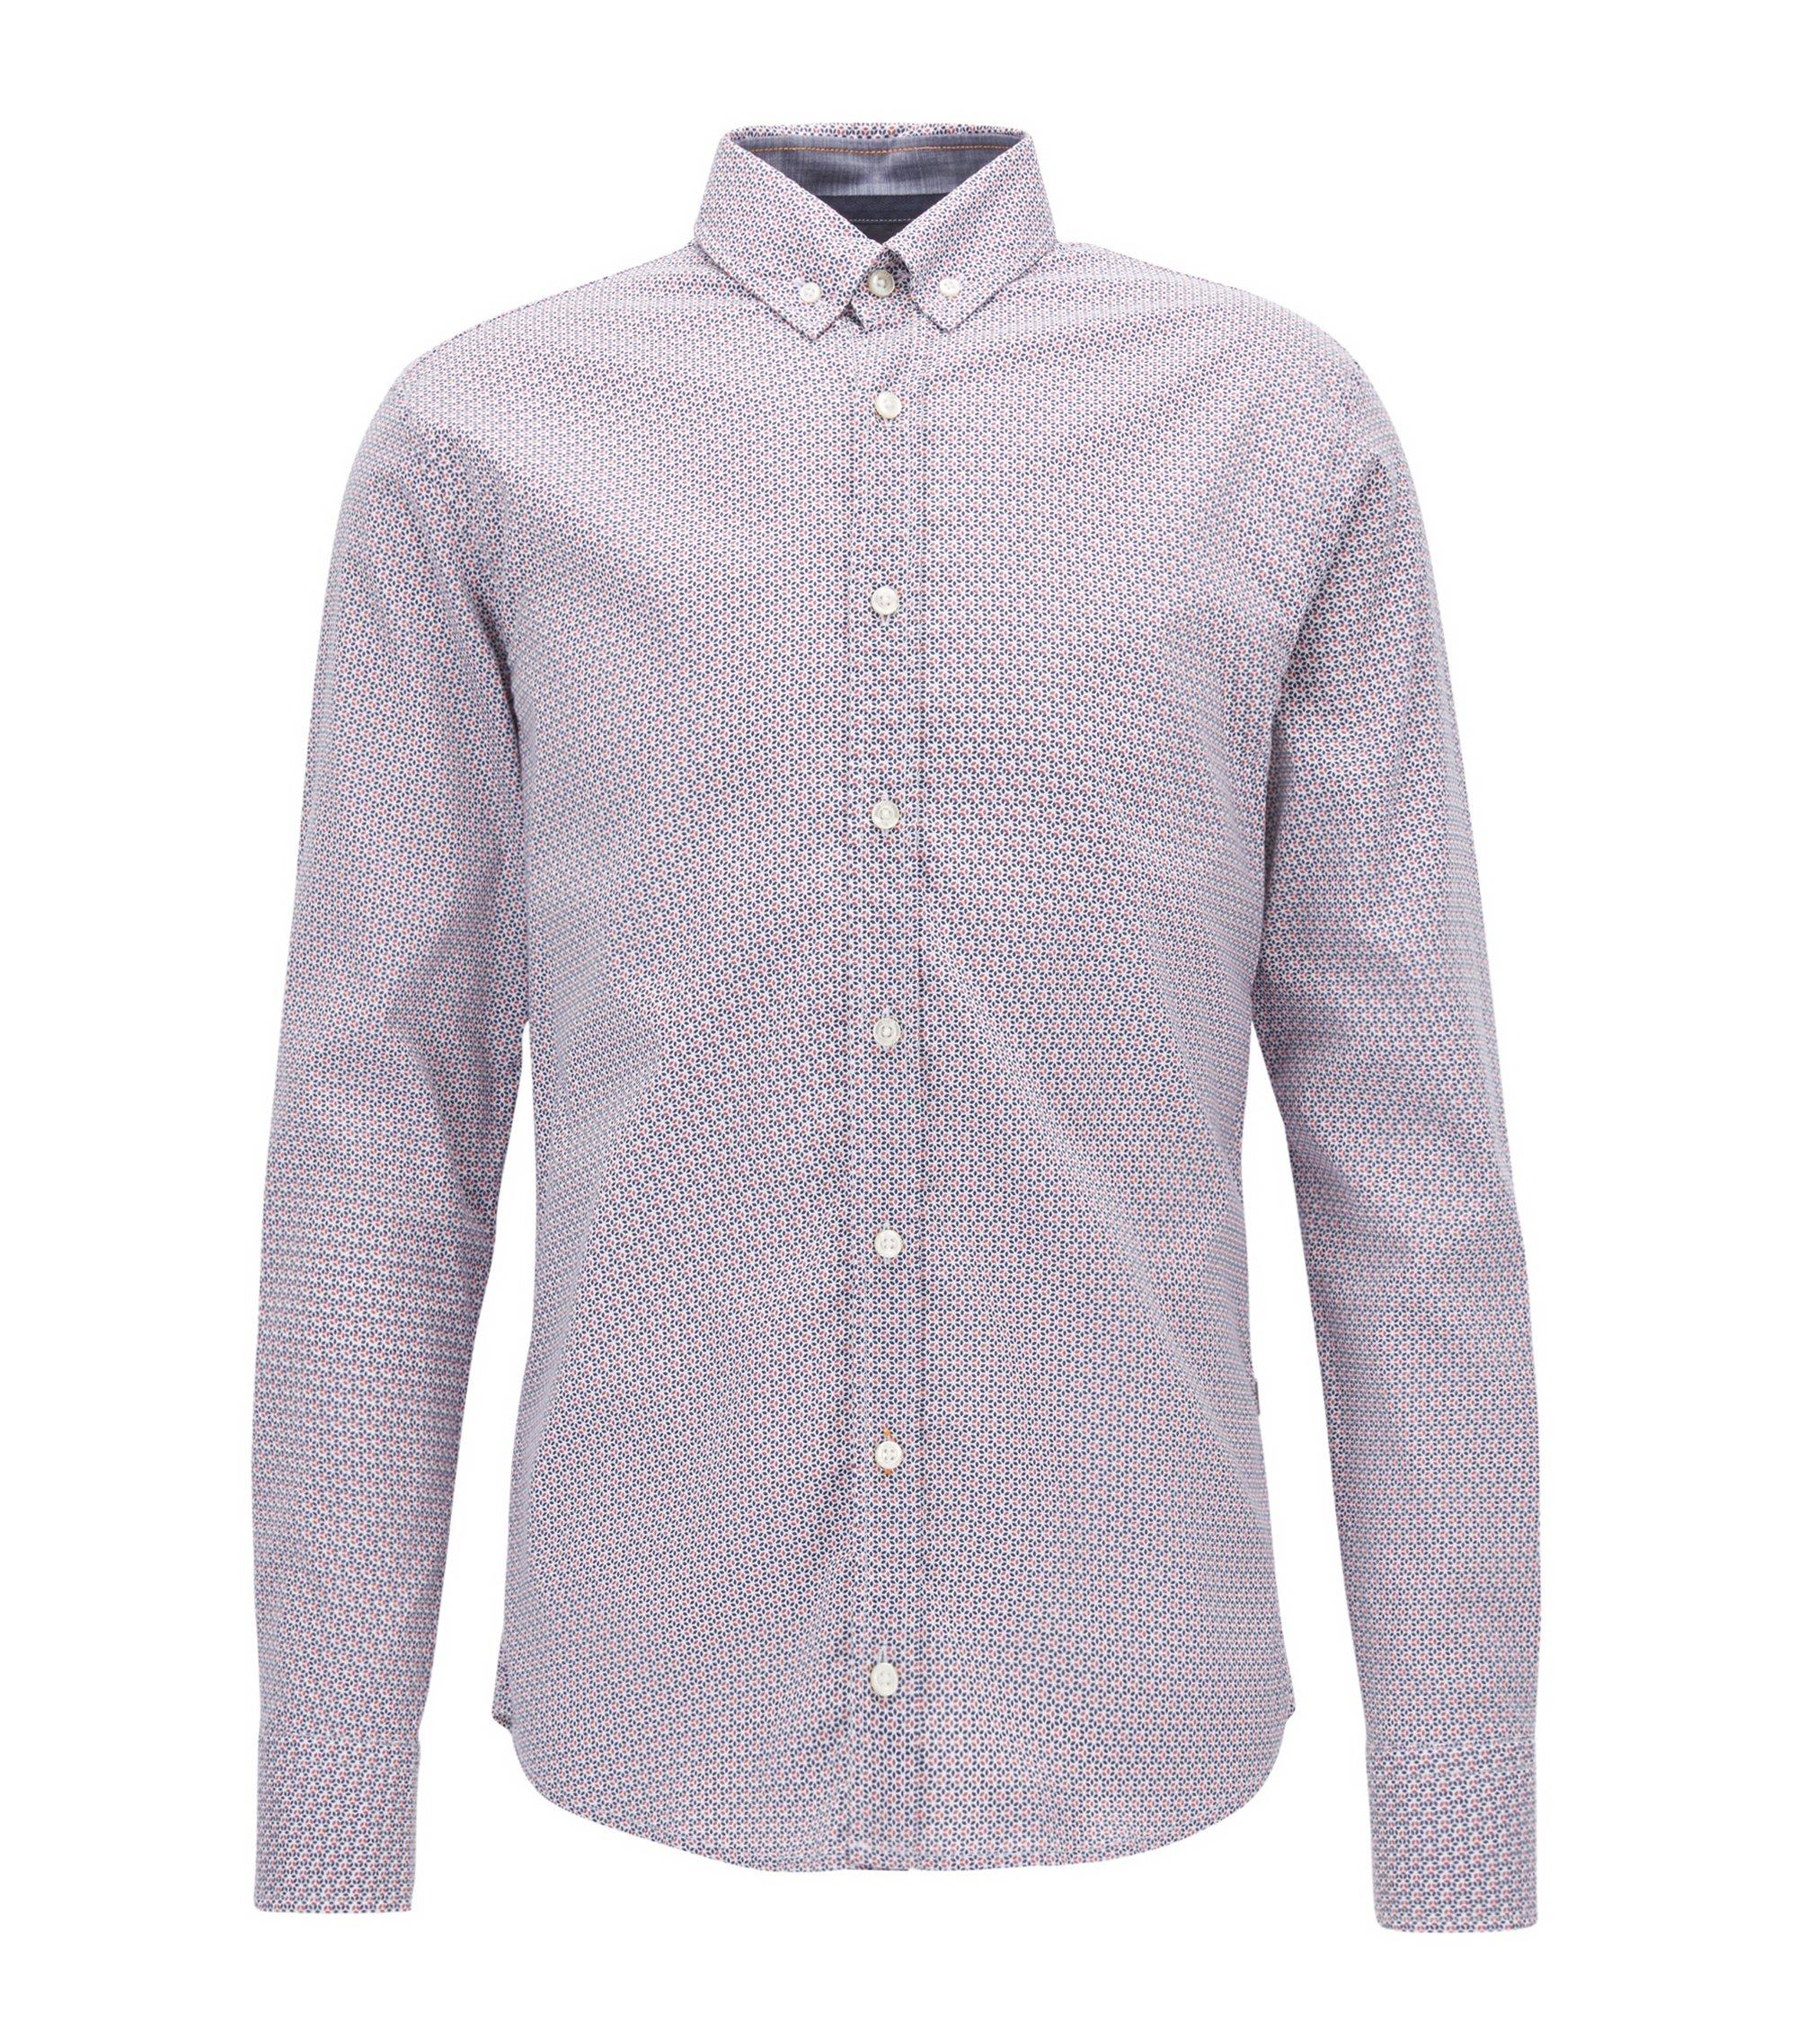 Slim-fit overhemd van katoenen popeline met microprint, Donkerblauw